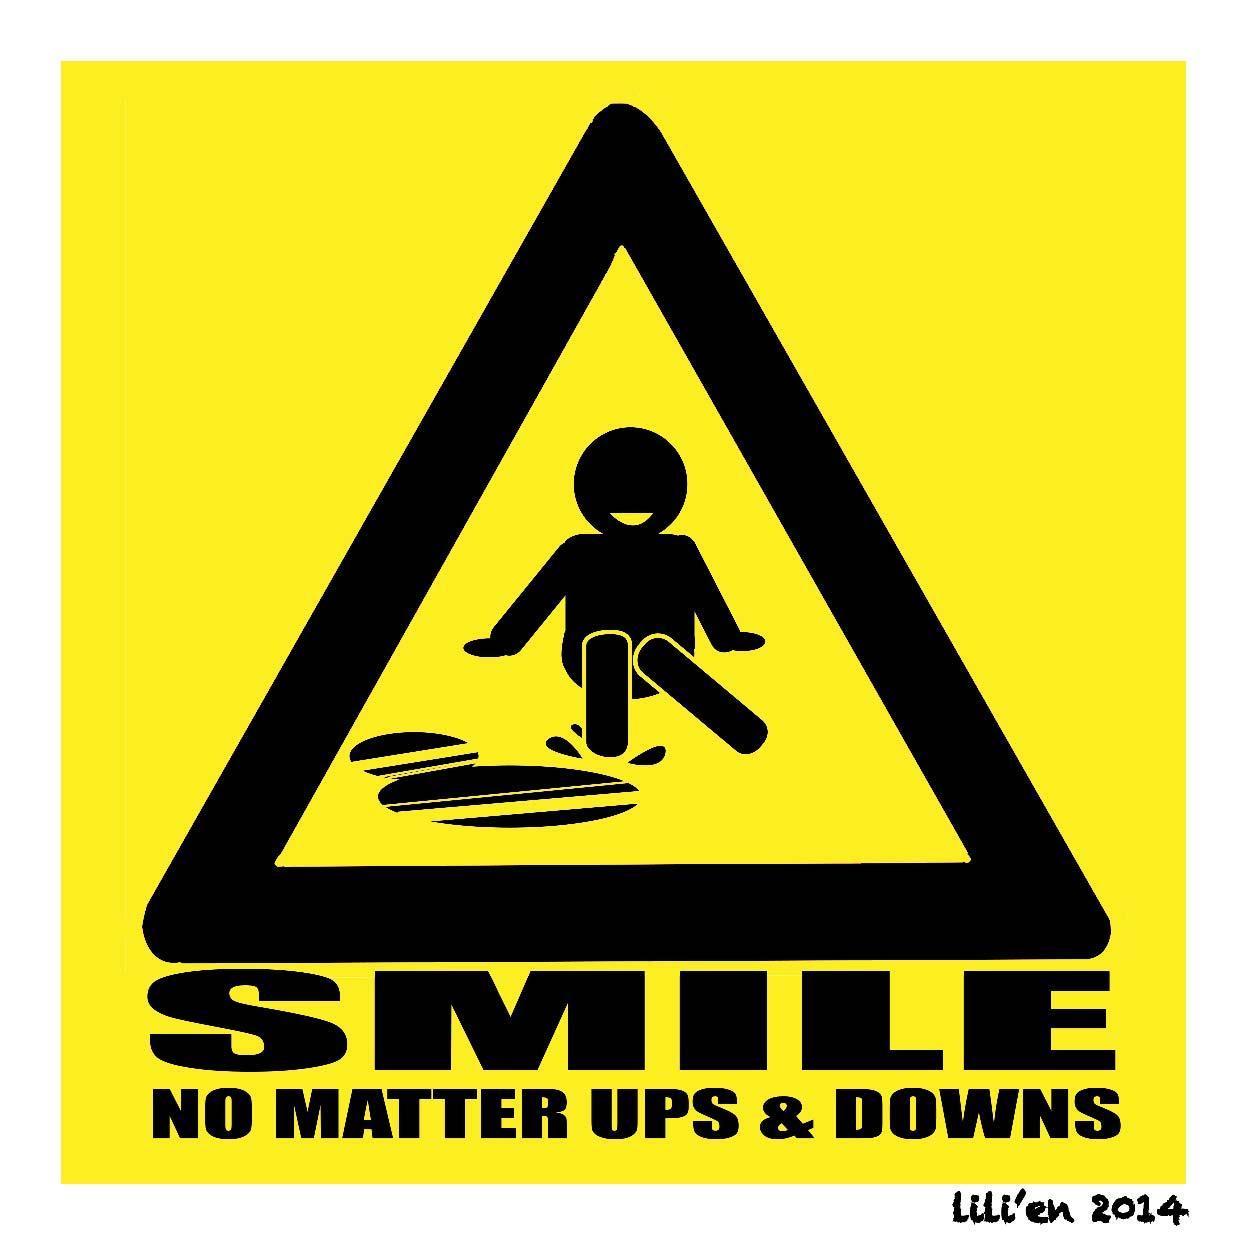 SMILEup&down2-01.jpg